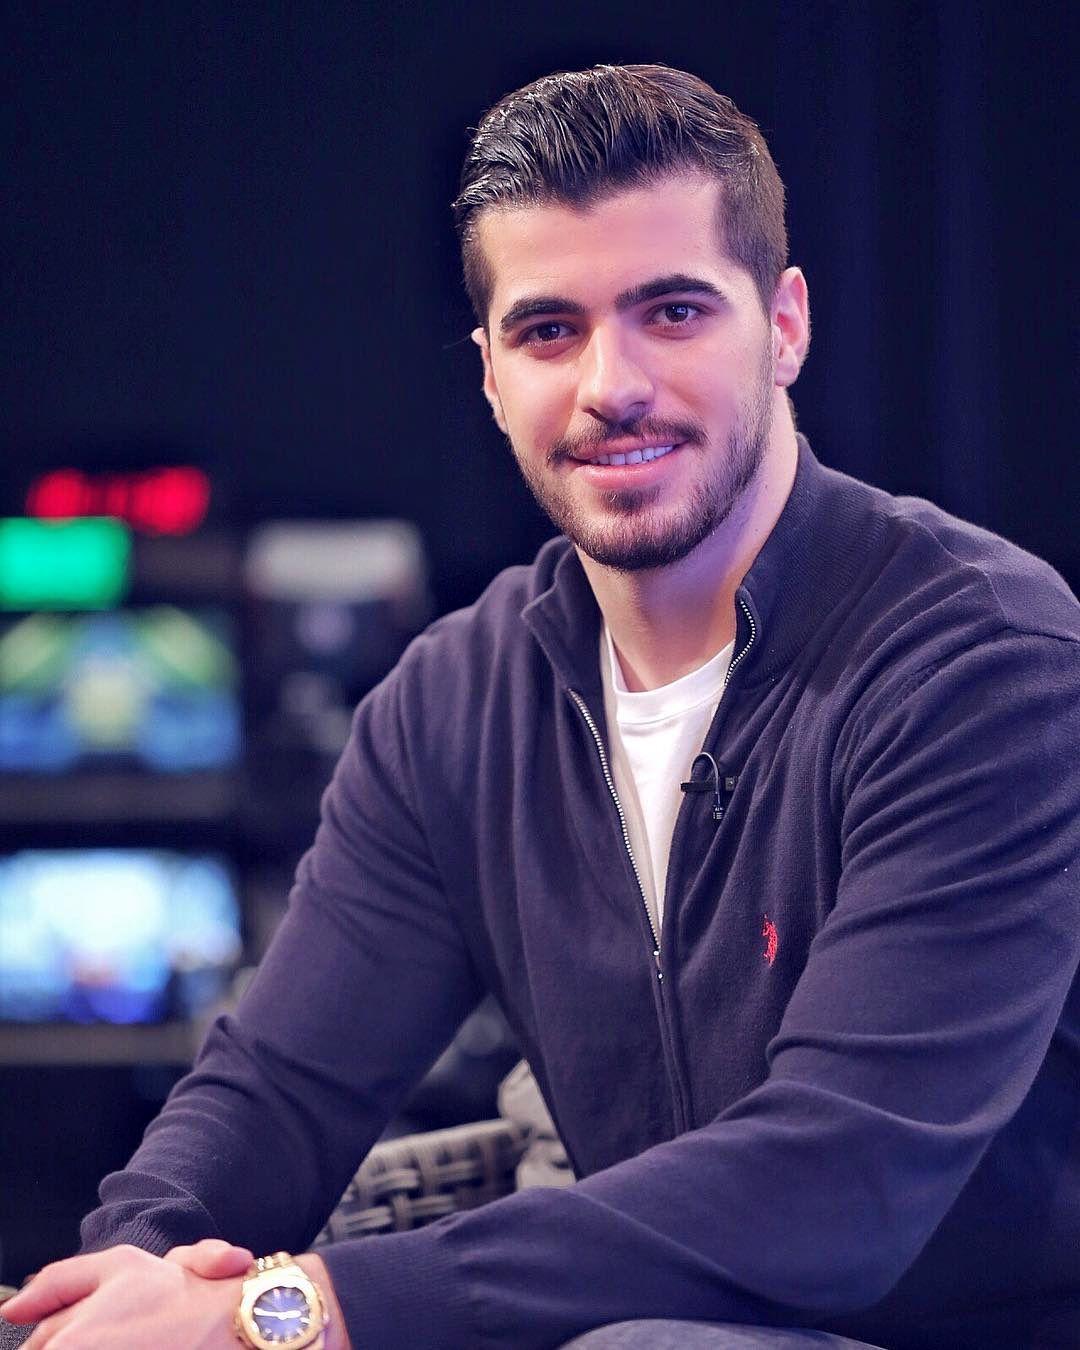 تیپ بامزه آقای فوتبالیست در خارج از ایران +عکس | سینما برتر